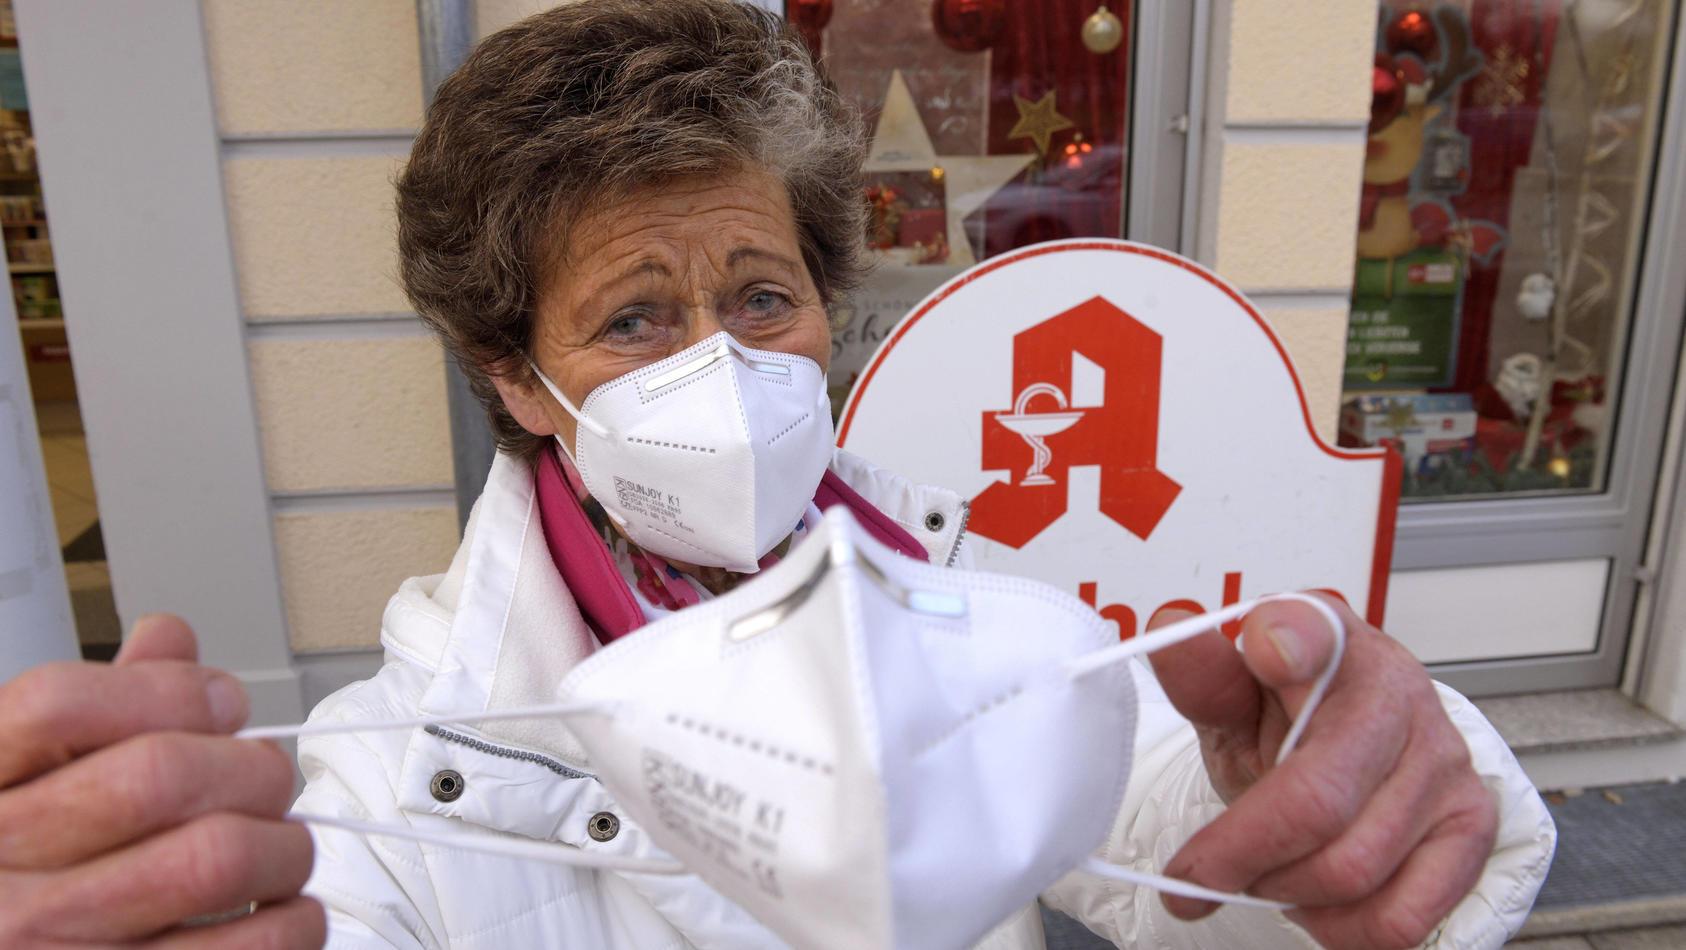 Apotheker sind für den Ansturm auf medizinische Masken gewappnet.